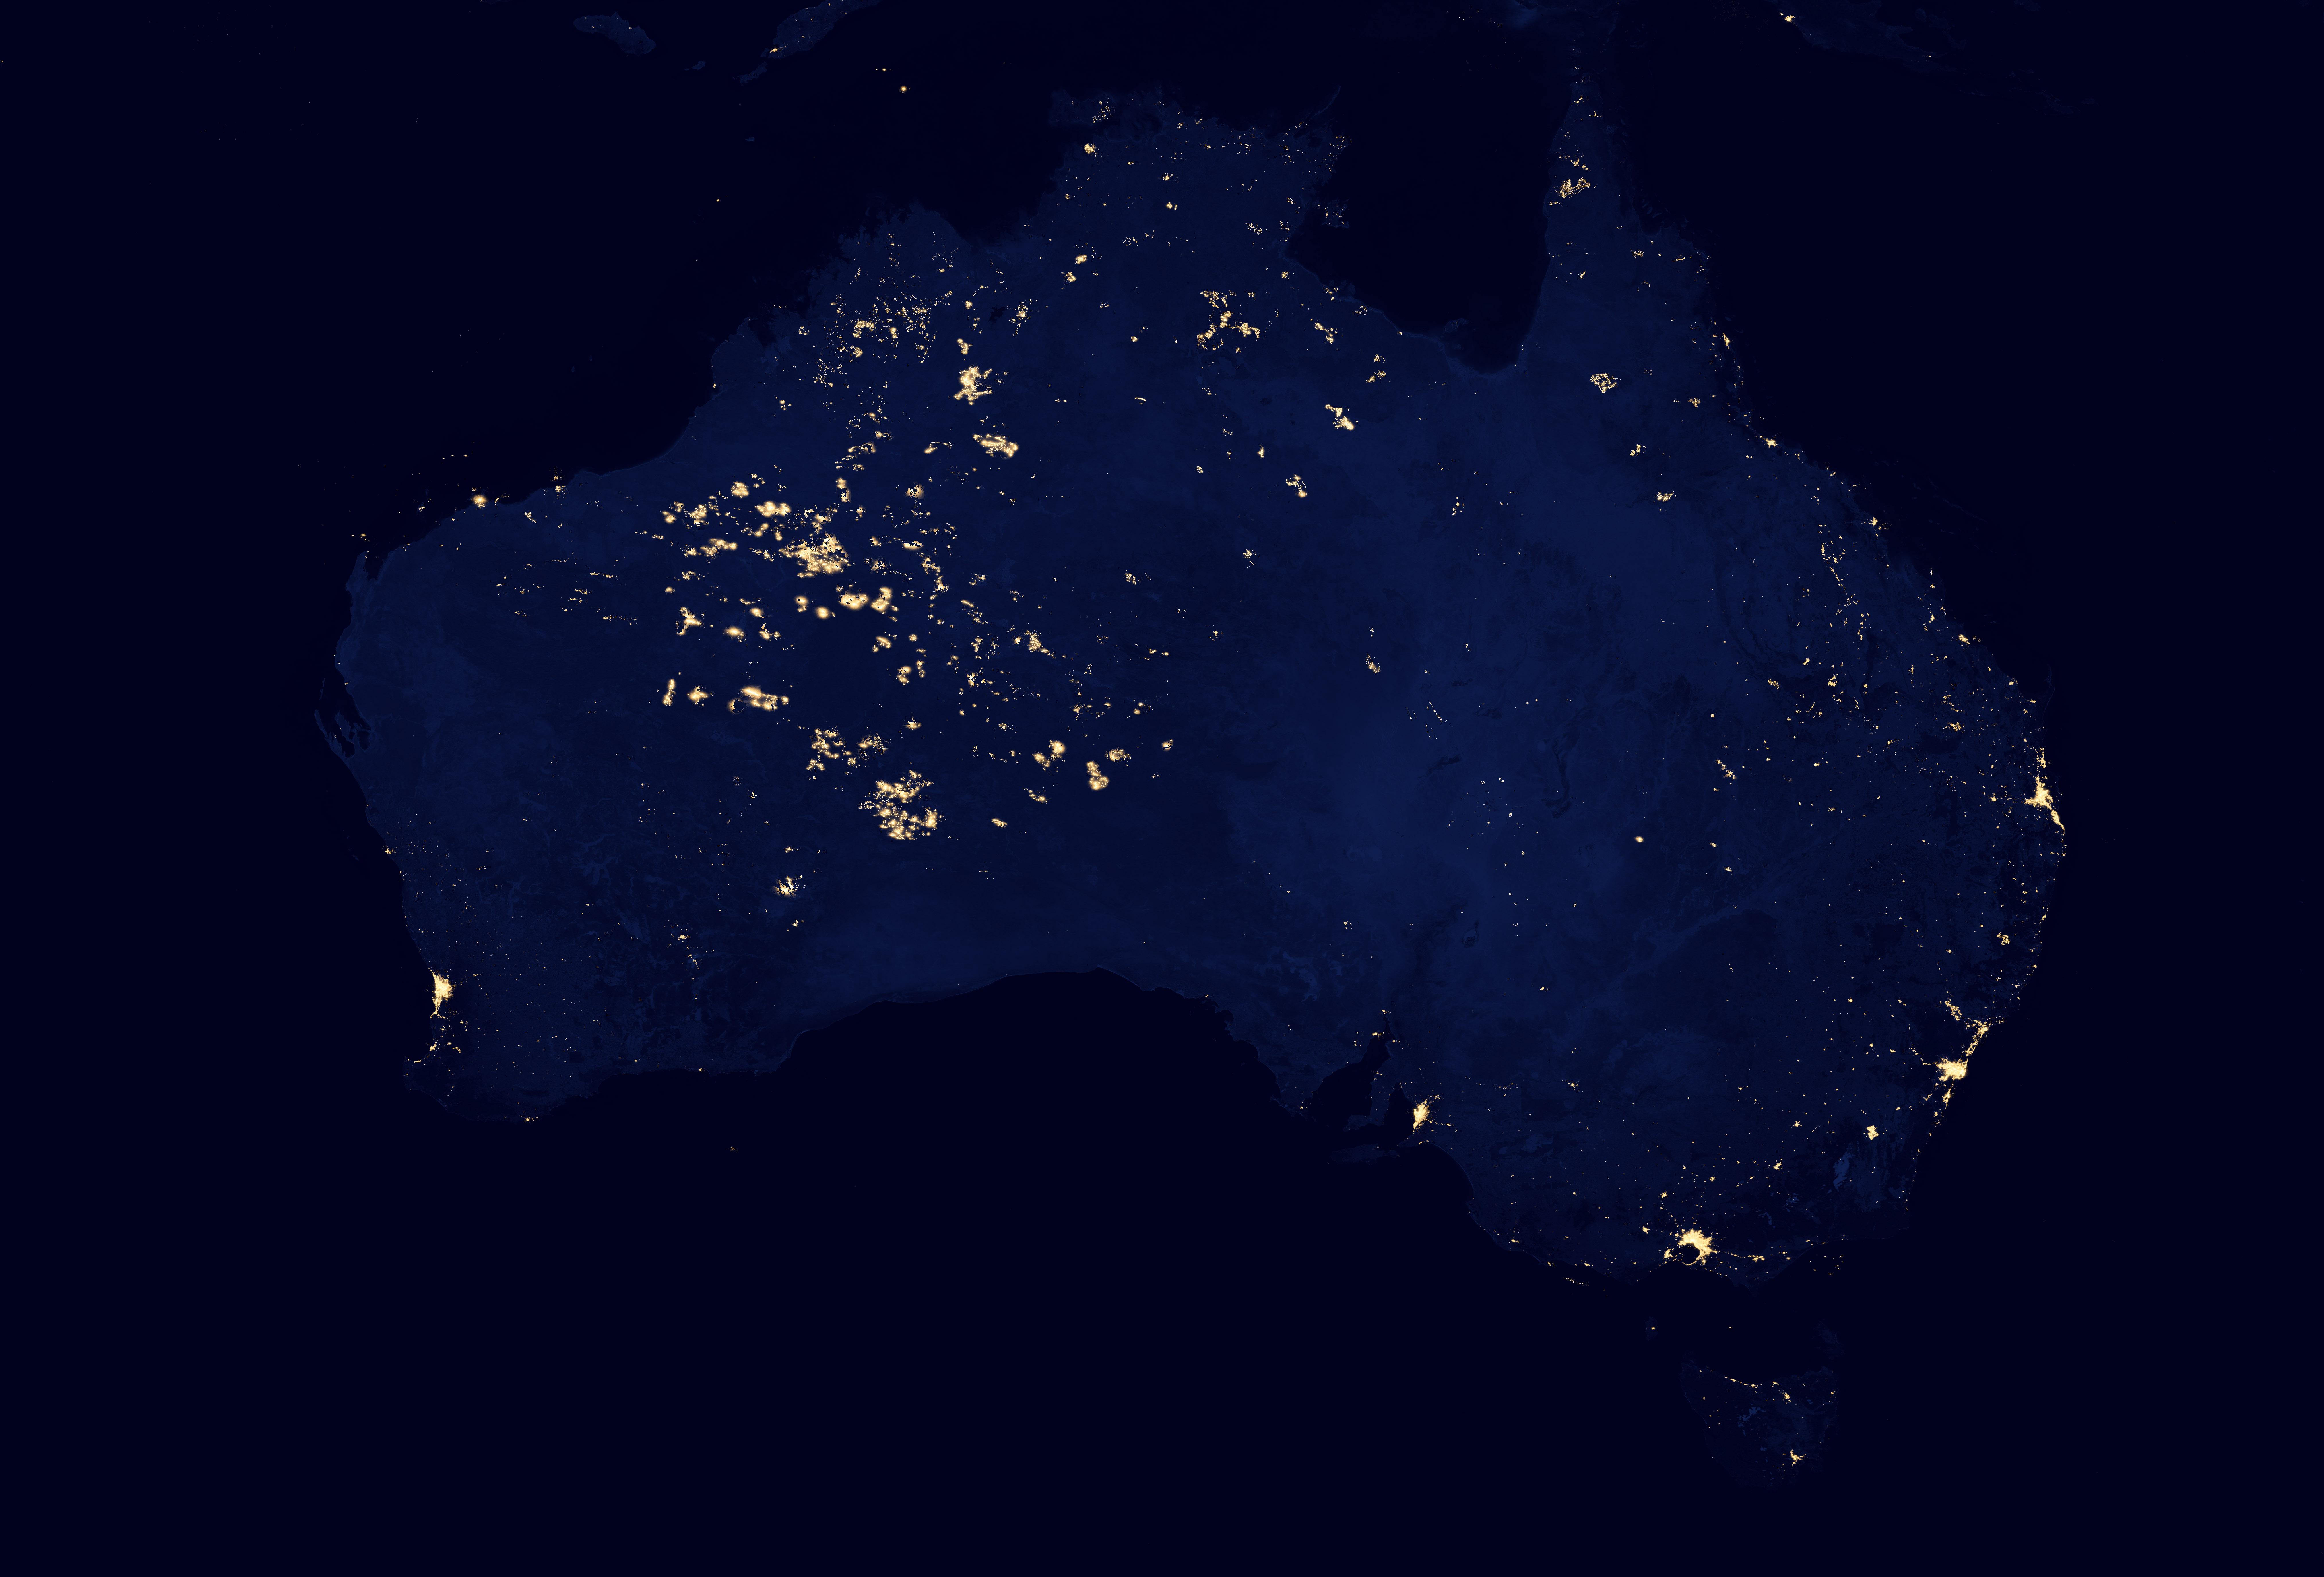 nasa world at night - photo #12